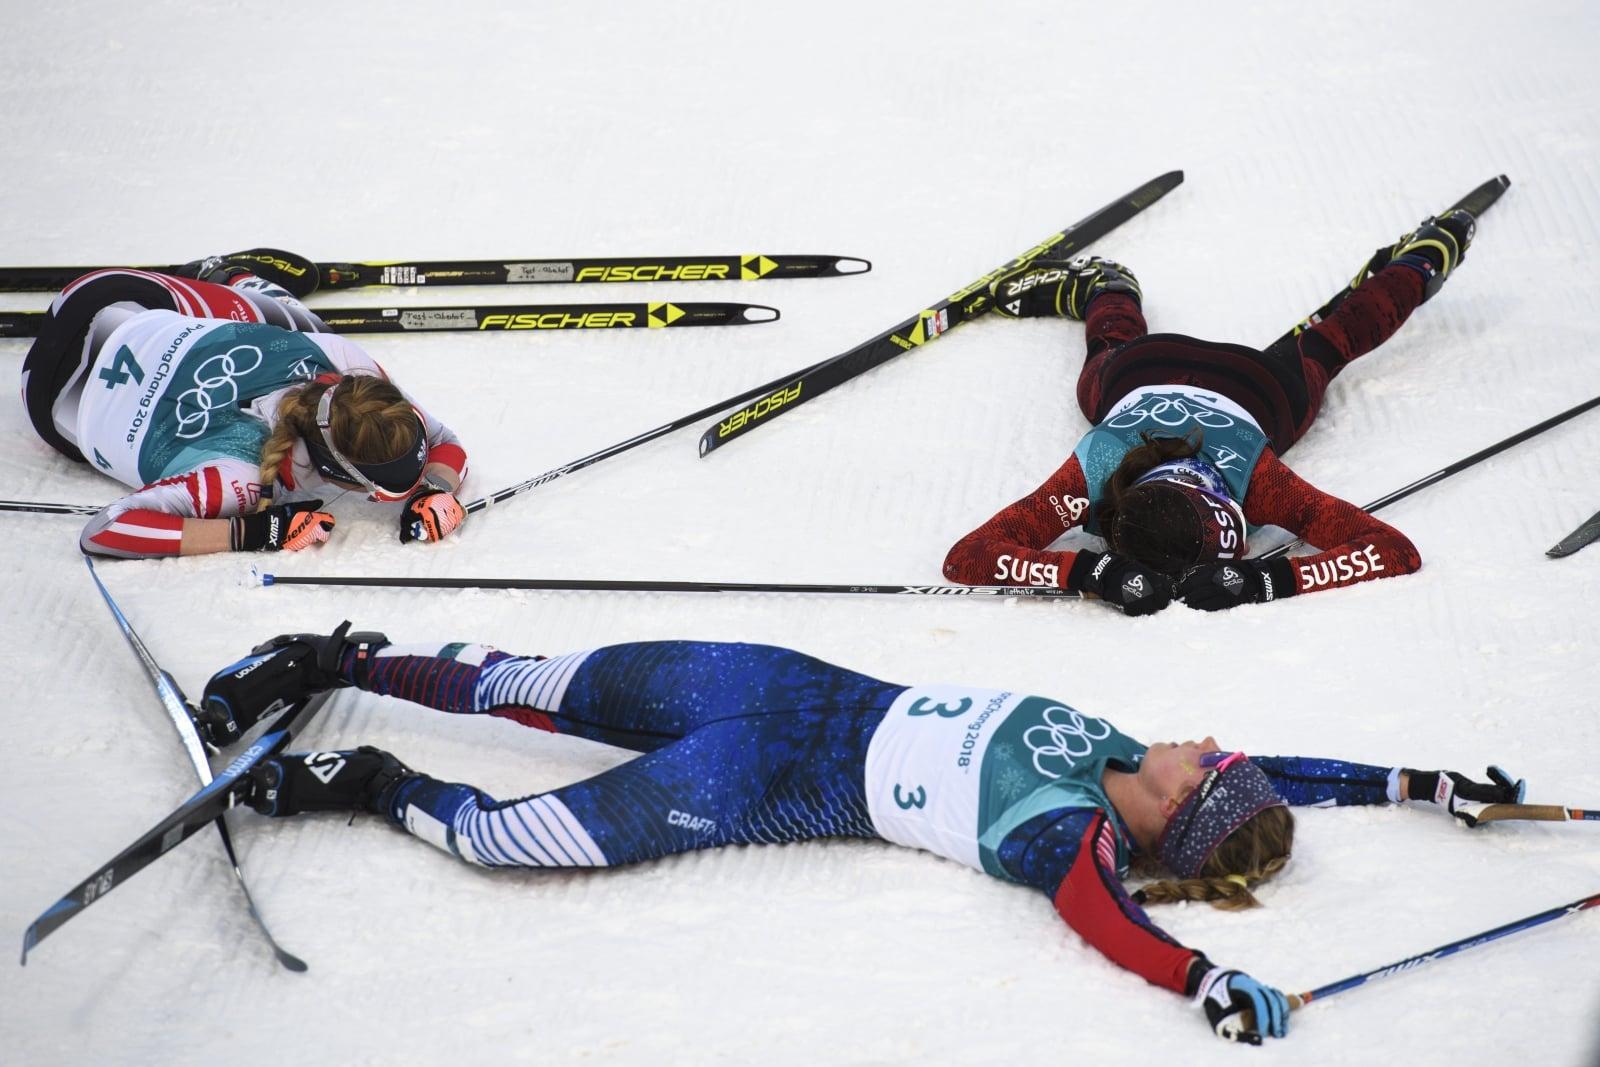 Szwajcarka Nathalie von Siebenthal, amerykanka Jessica Diggins i autriaczka Teresa Stadlober po narciarskim biegu łączonym (7,5 km techniką klasyczną + 7,5 km techniką dowolną) w Pjongczangu, Korea Południowa.